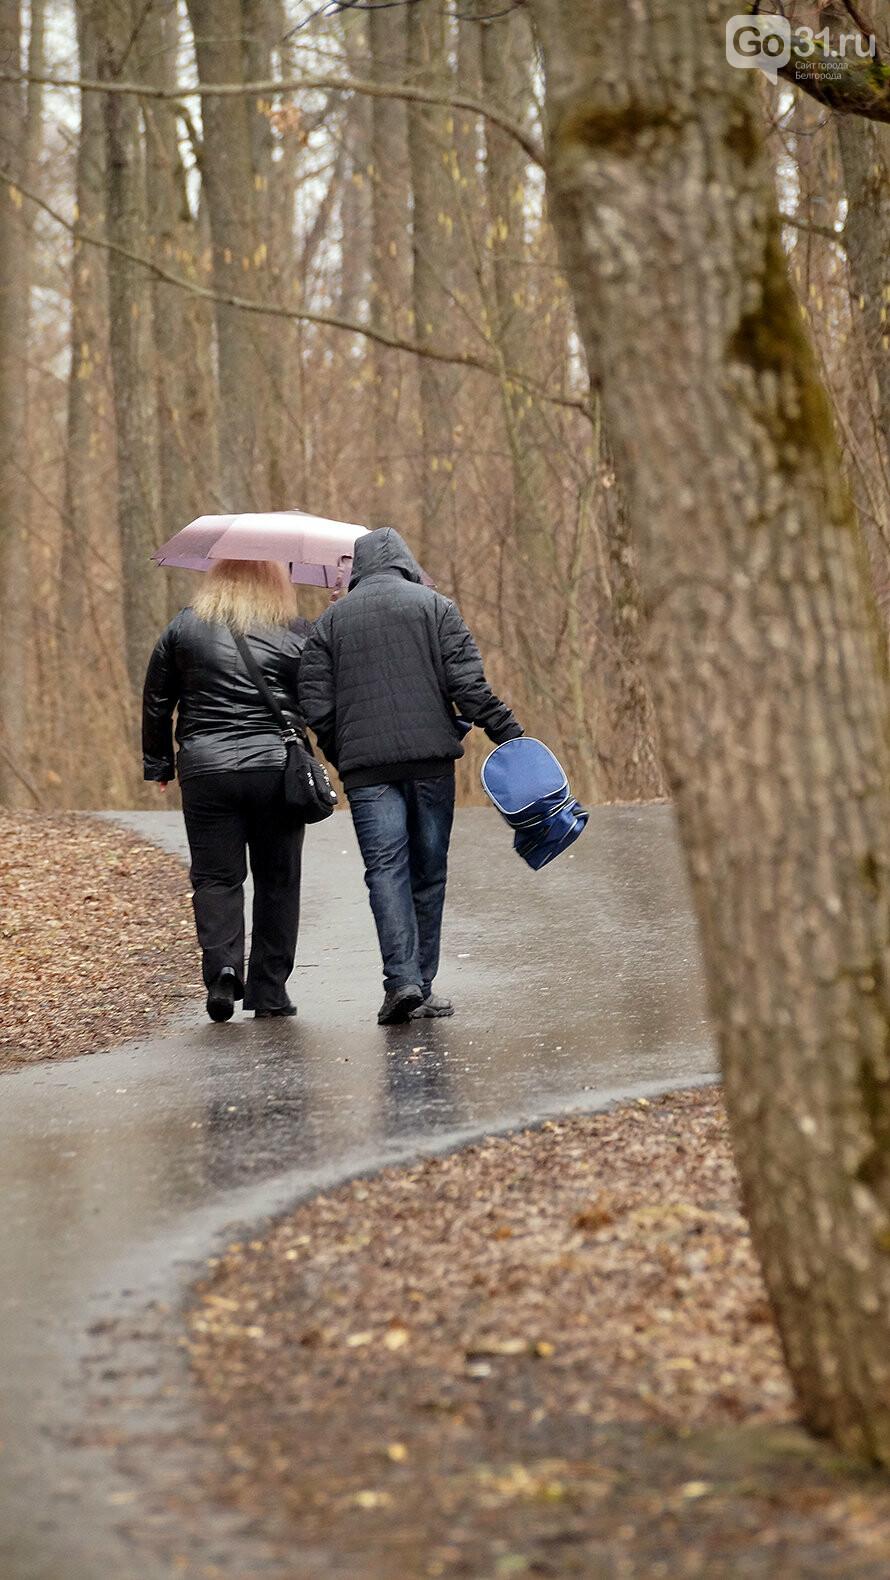 Кого и что можно встретить в лесу Маршалково в Строителе, фото-7